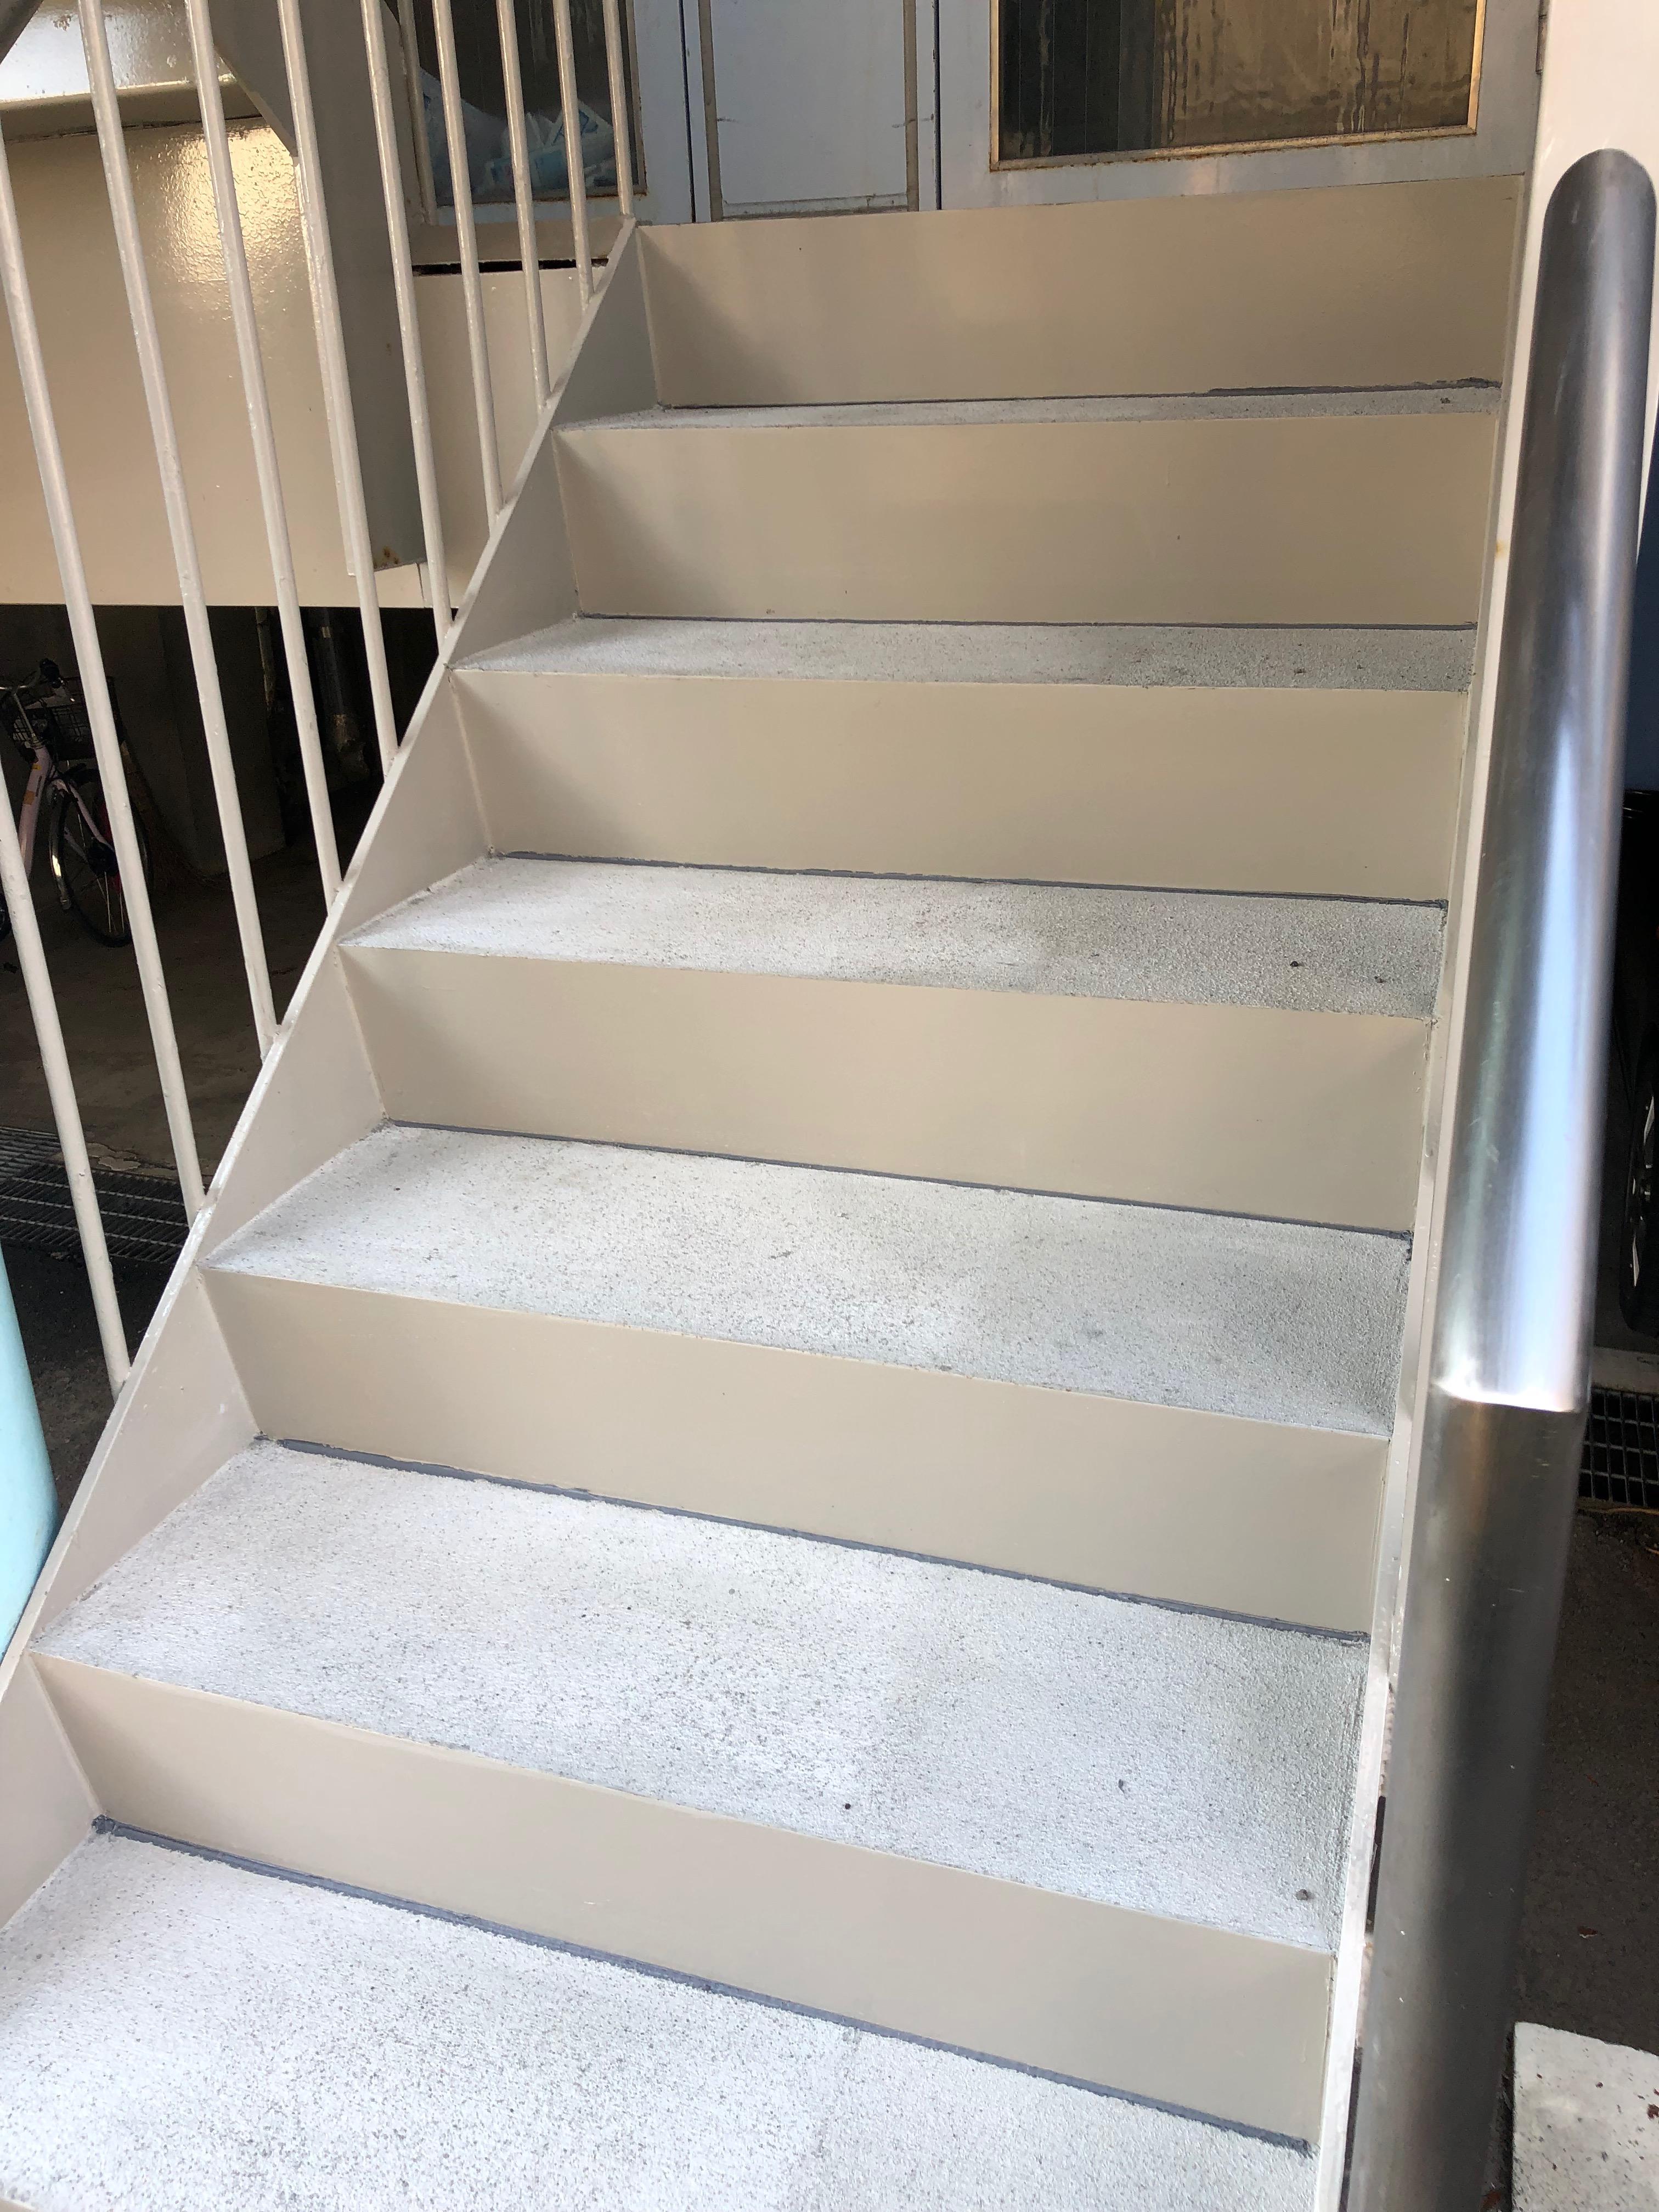 札幌市北区 アパートの階段踏板コンクリート仕上げ+蹴上補強